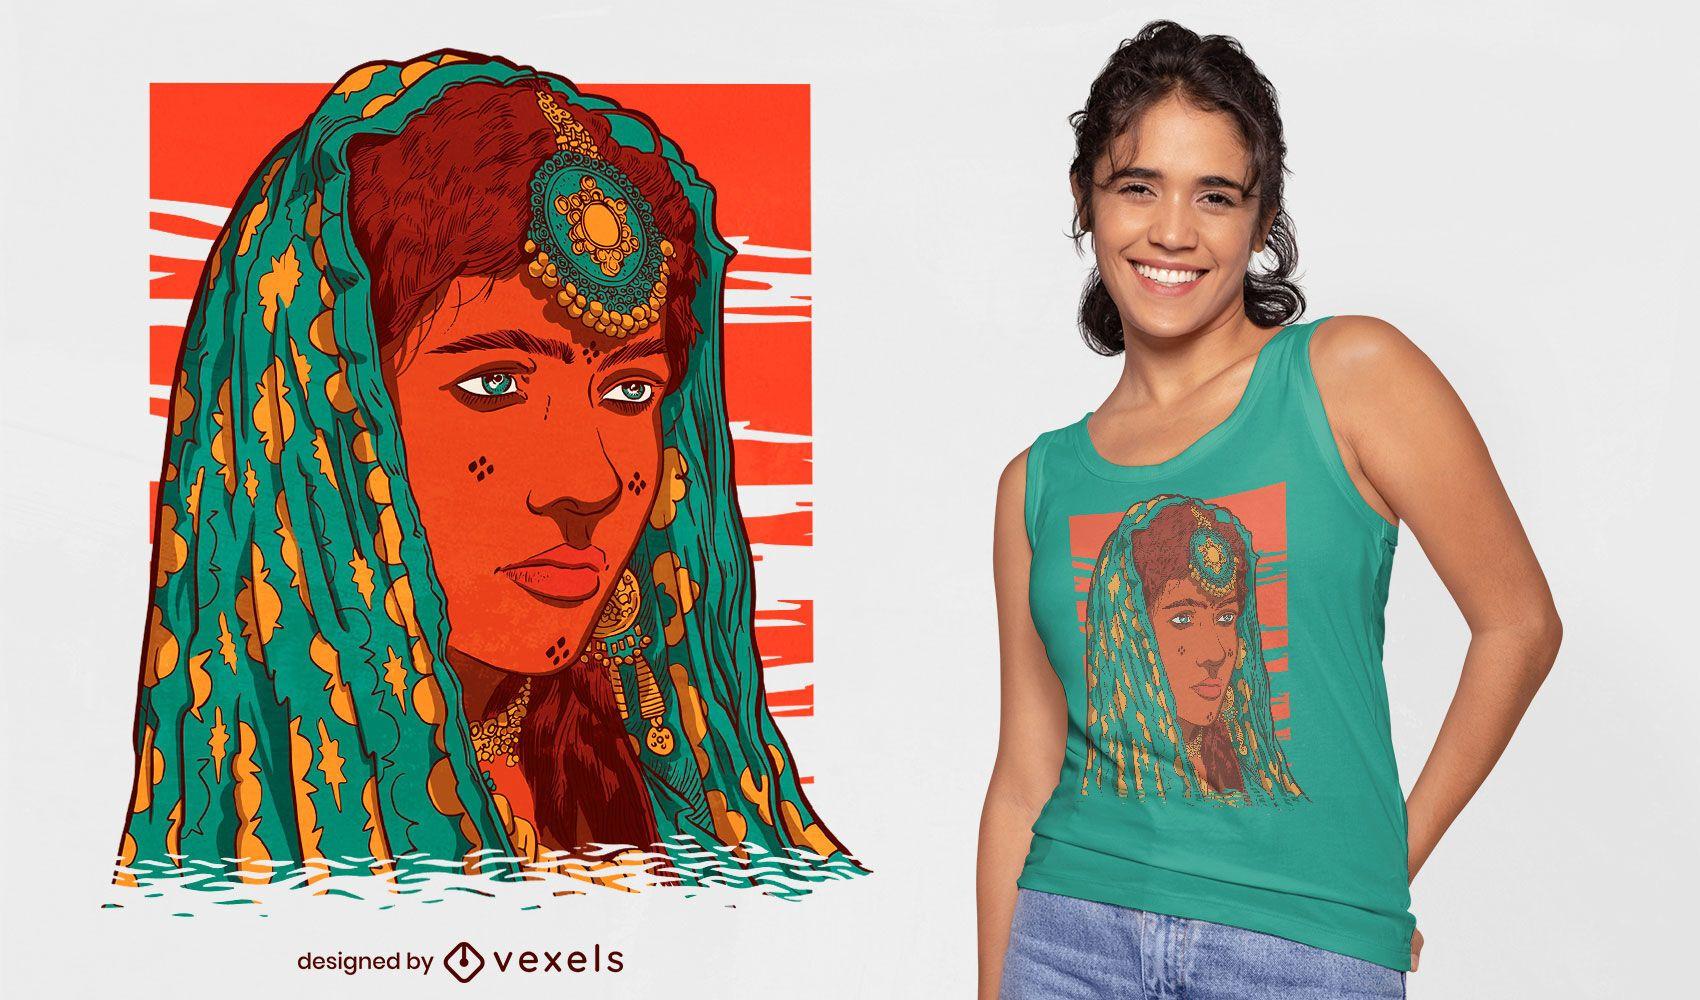 Diseño de camiseta de tatuaje facial de mujer del sur de Asia